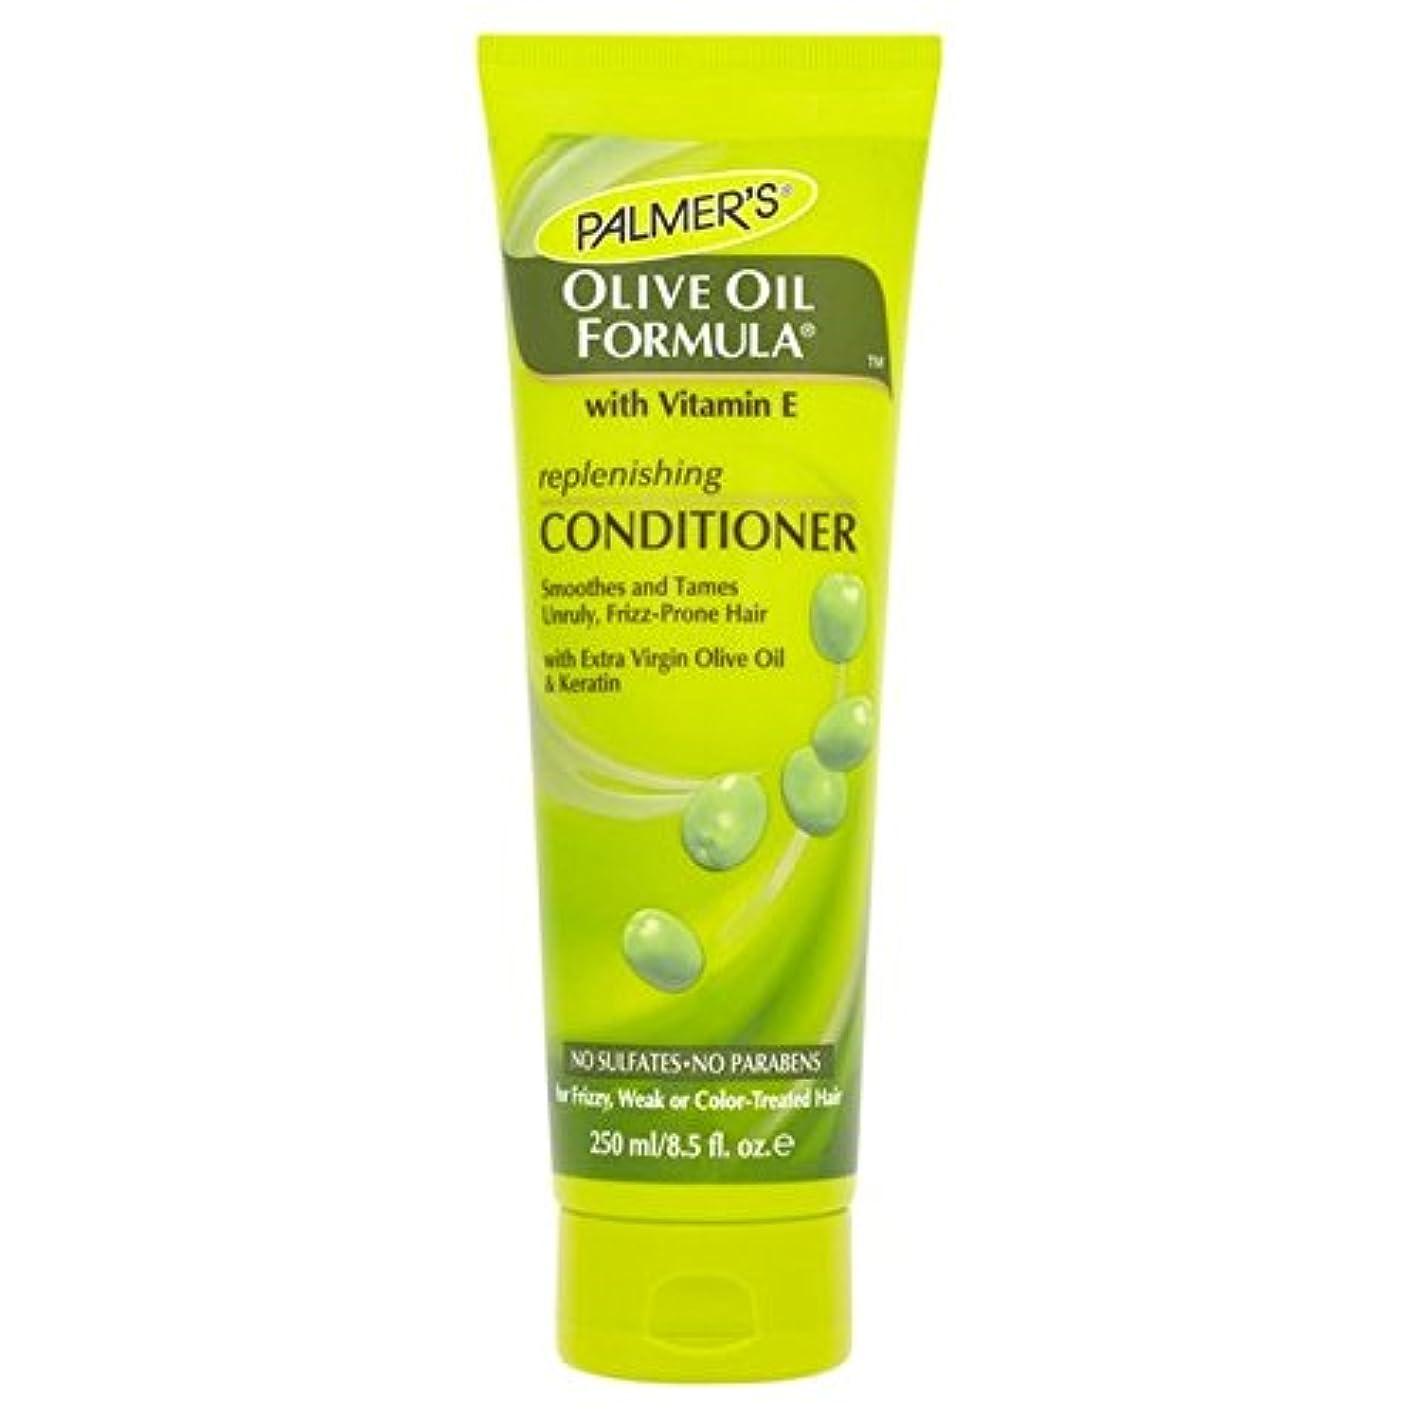 子孫本を読むバイオリンPalmer's Olive Oil Formula Restoring Conditioner 250ml - パーマーのオリーブオイル式リストアコンディショナー250 [並行輸入品]